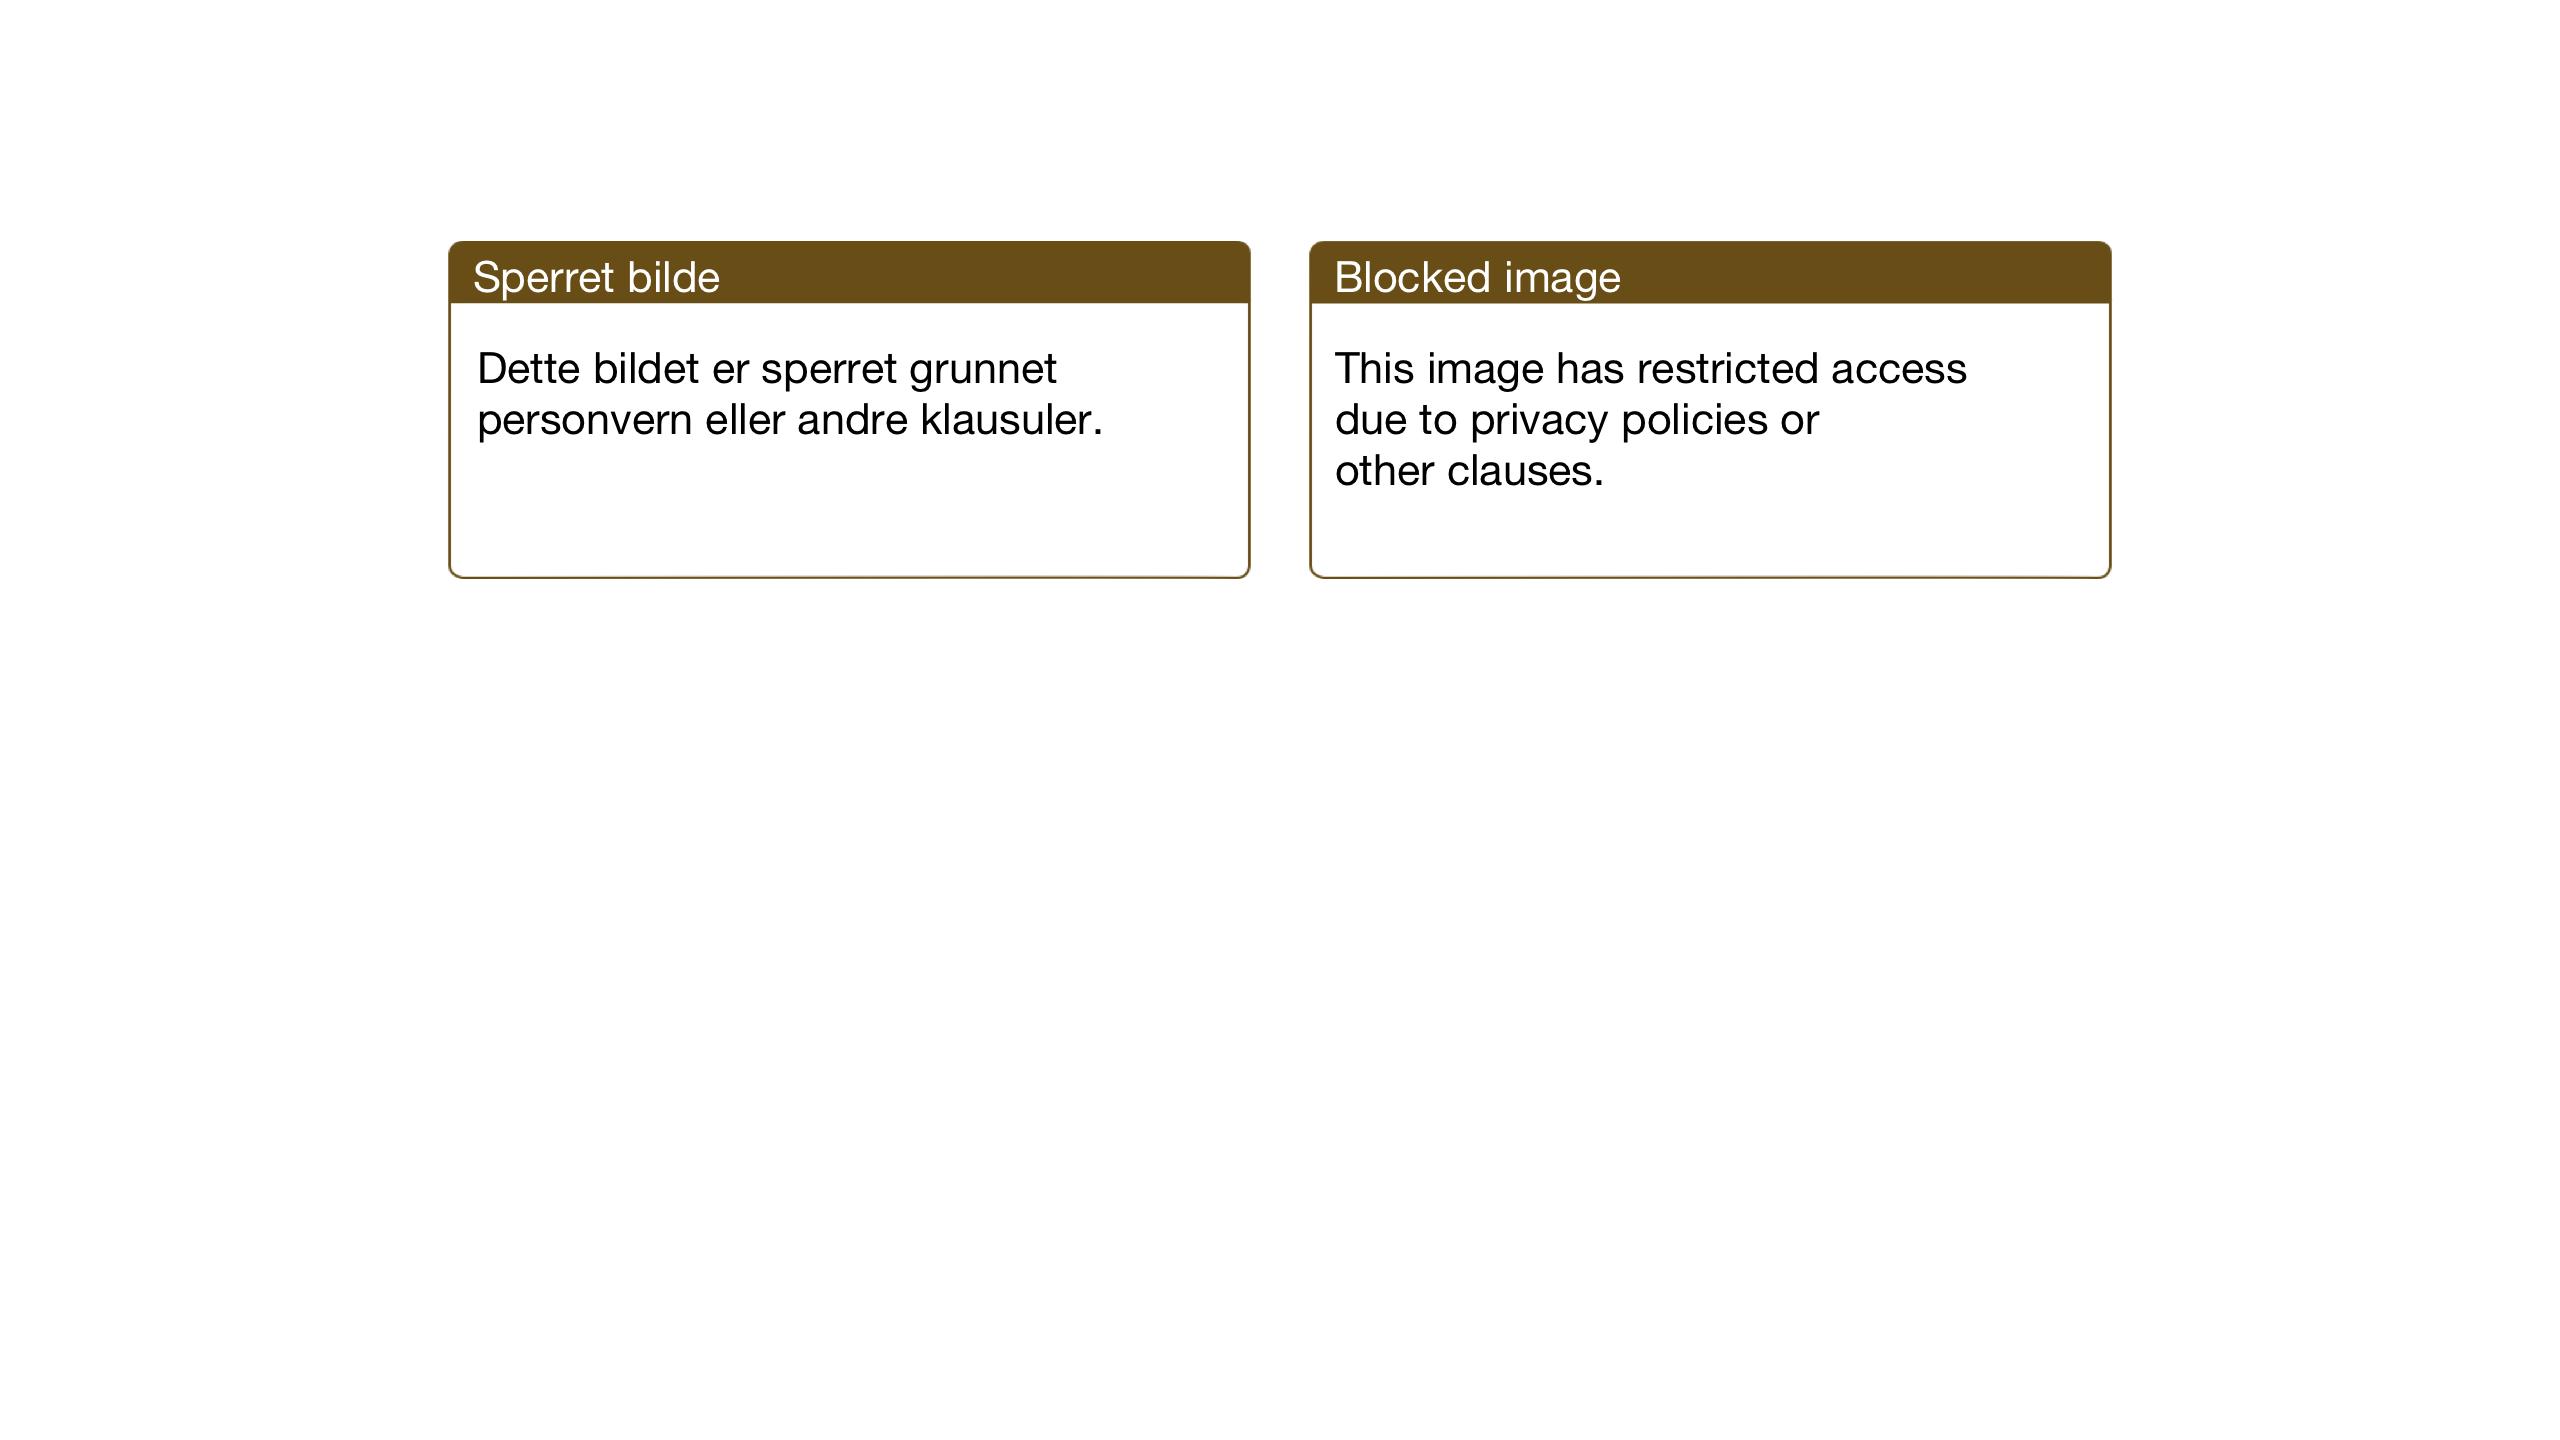 SAT, Ministerialprotokoller, klokkerbøker og fødselsregistre - Sør-Trøndelag, 617/L0431: Klokkerbok nr. 617C02, 1910-1936, s. 96